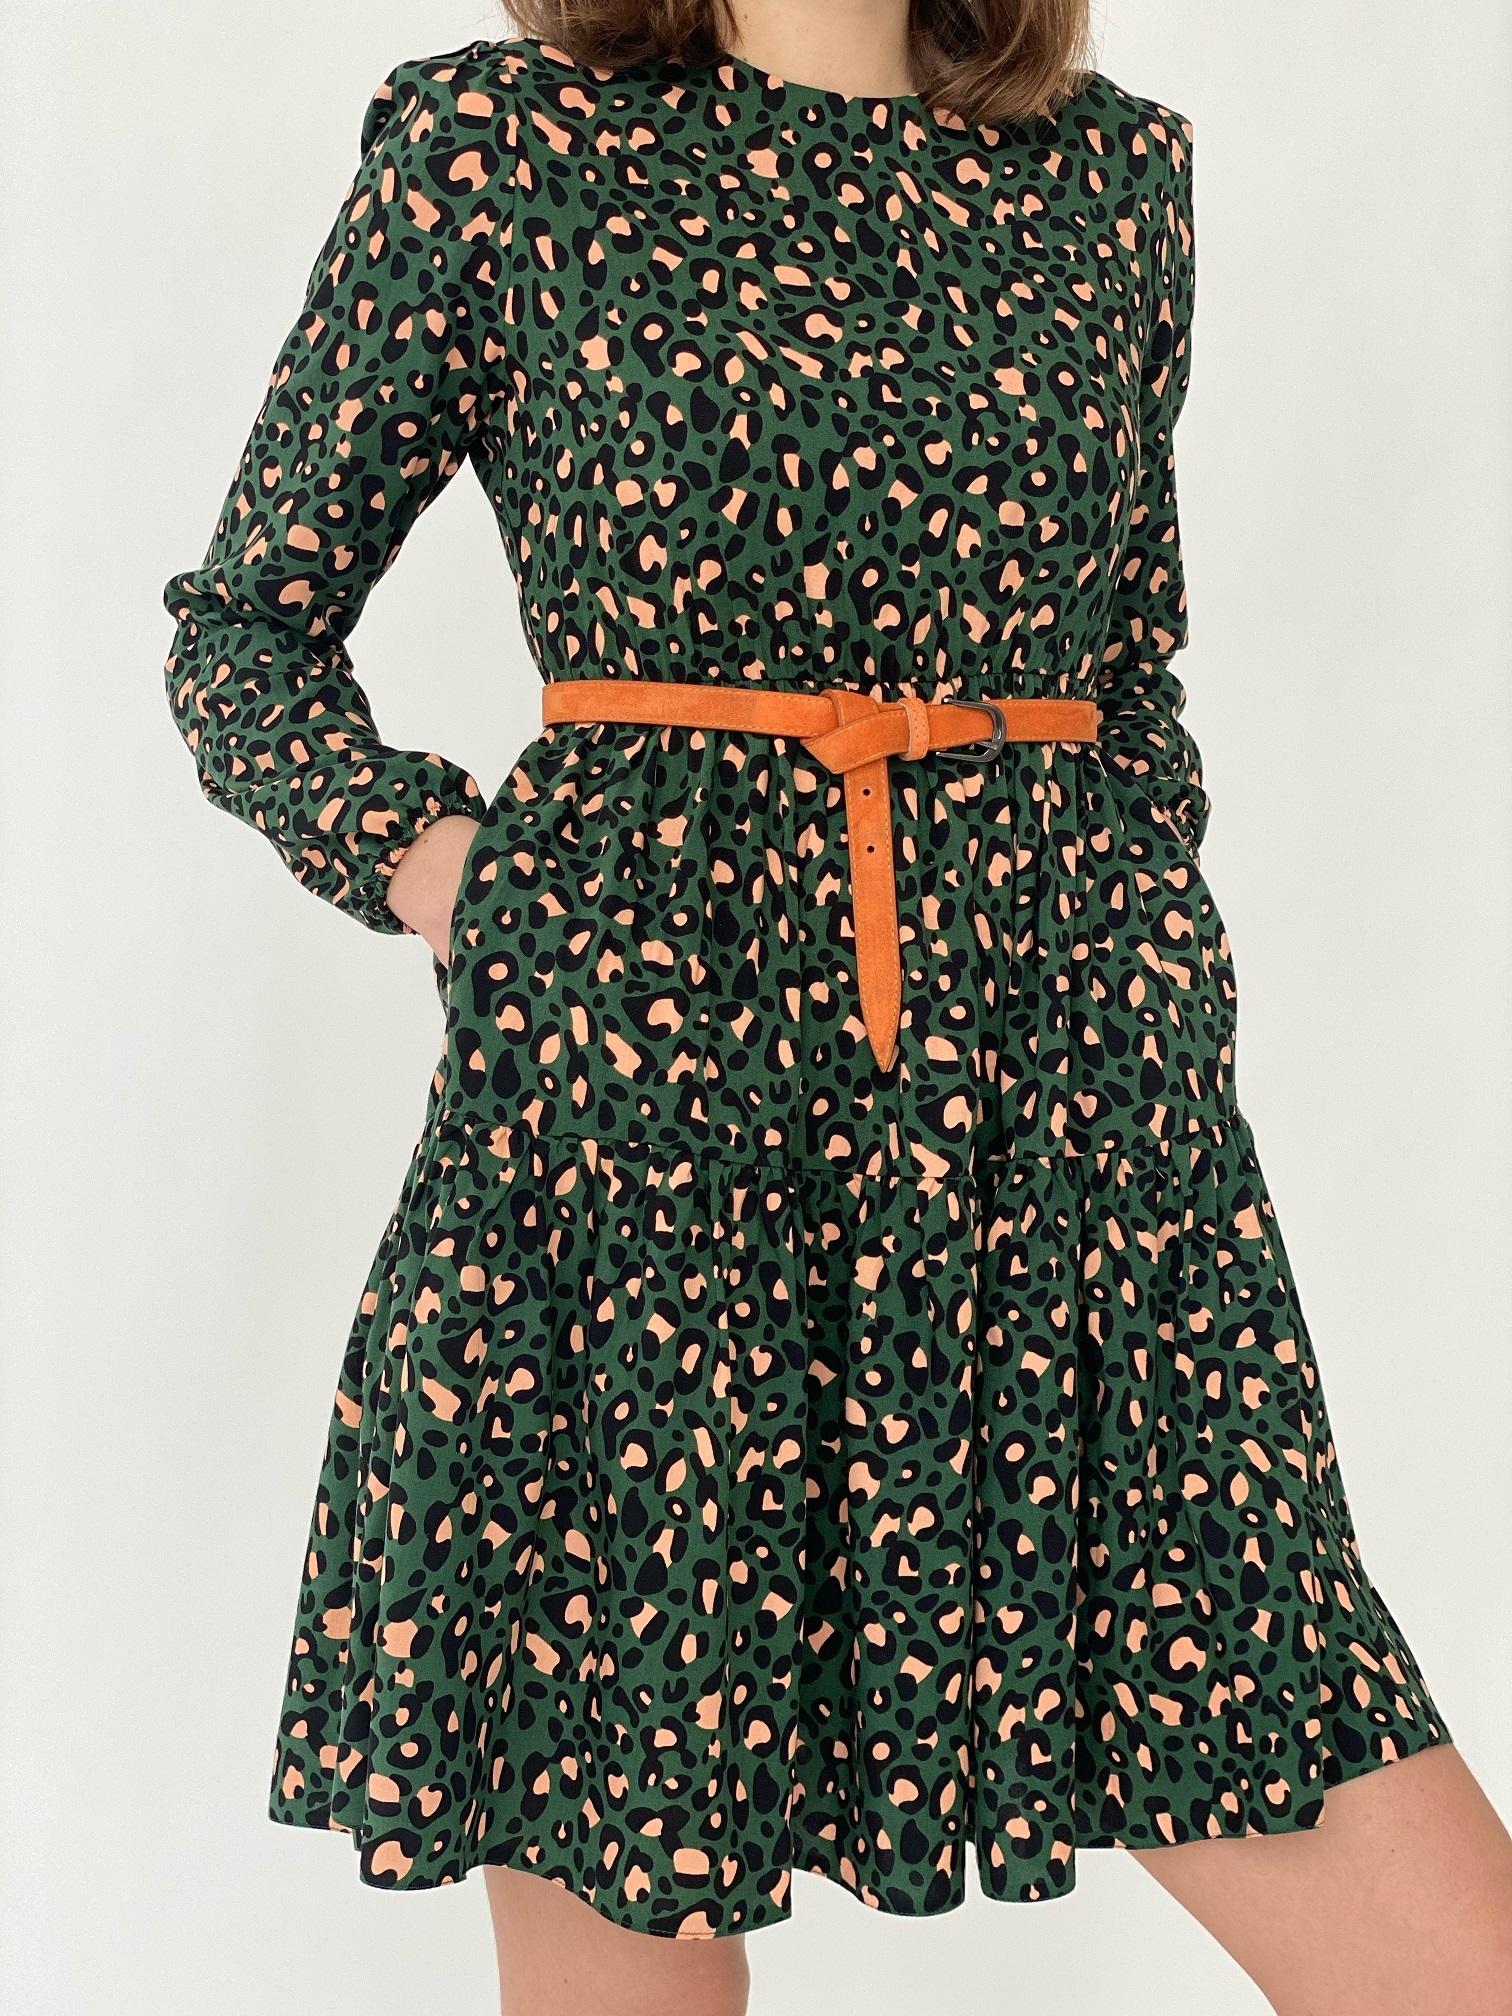 Платье, Ballerina, 5051 (зеленый леопард)